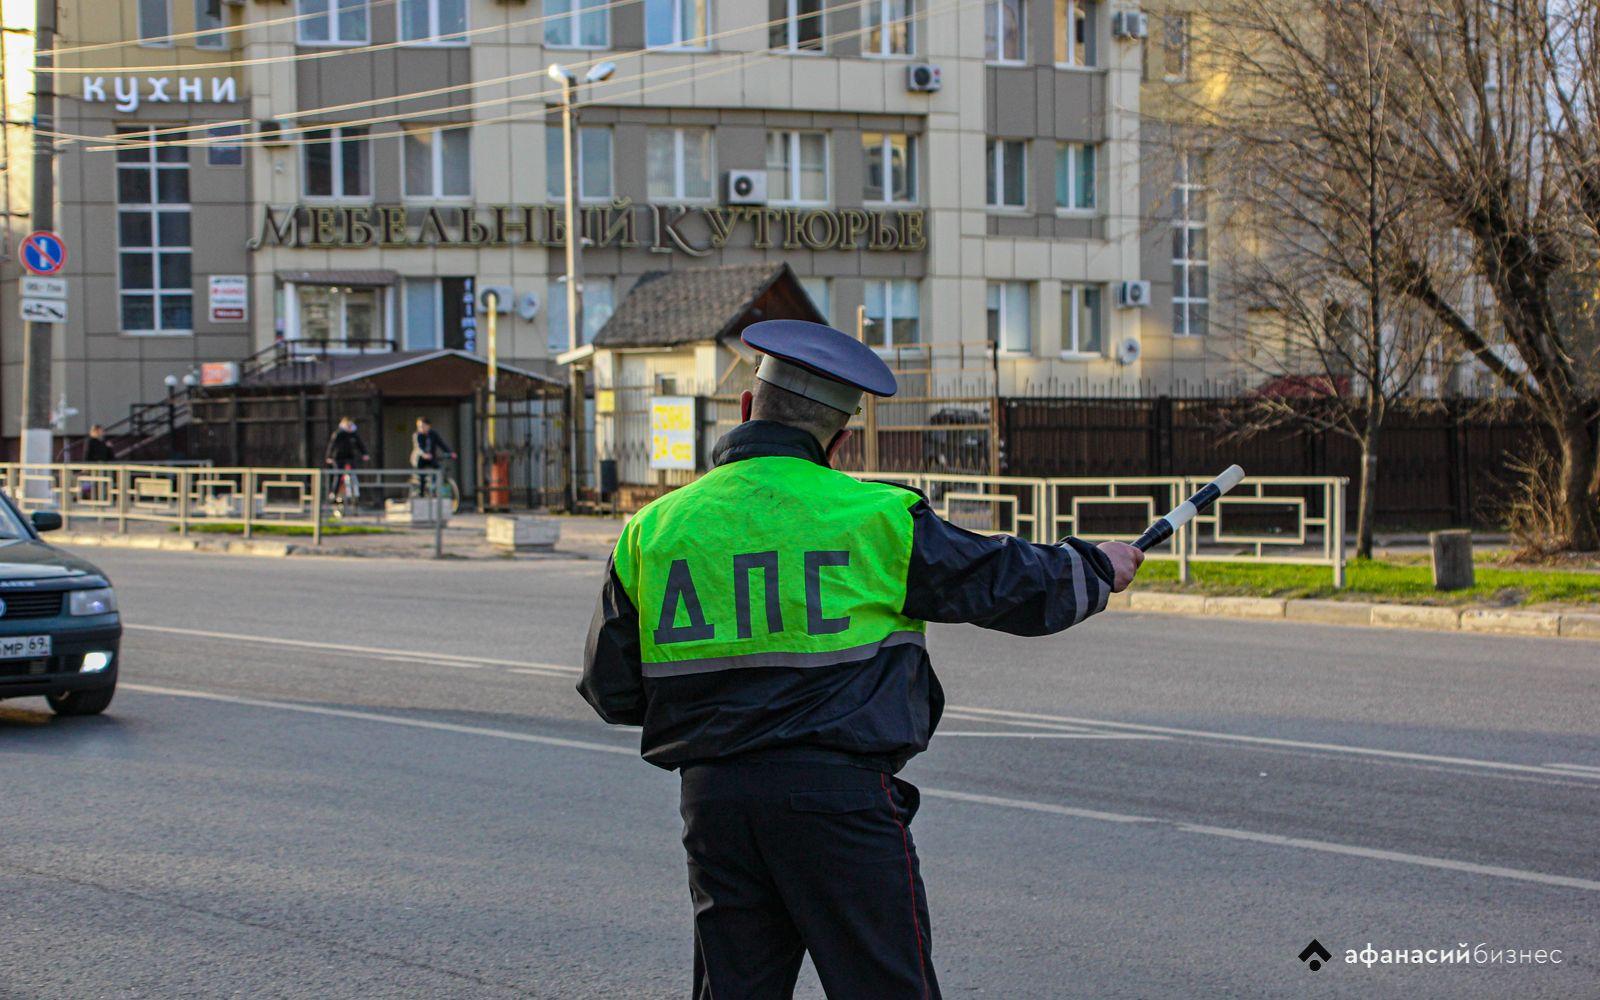 В Твери сотрудники ГИБДД обнаружили партию наркотиков в остановленной для проверки легковушке - новости Афанасий